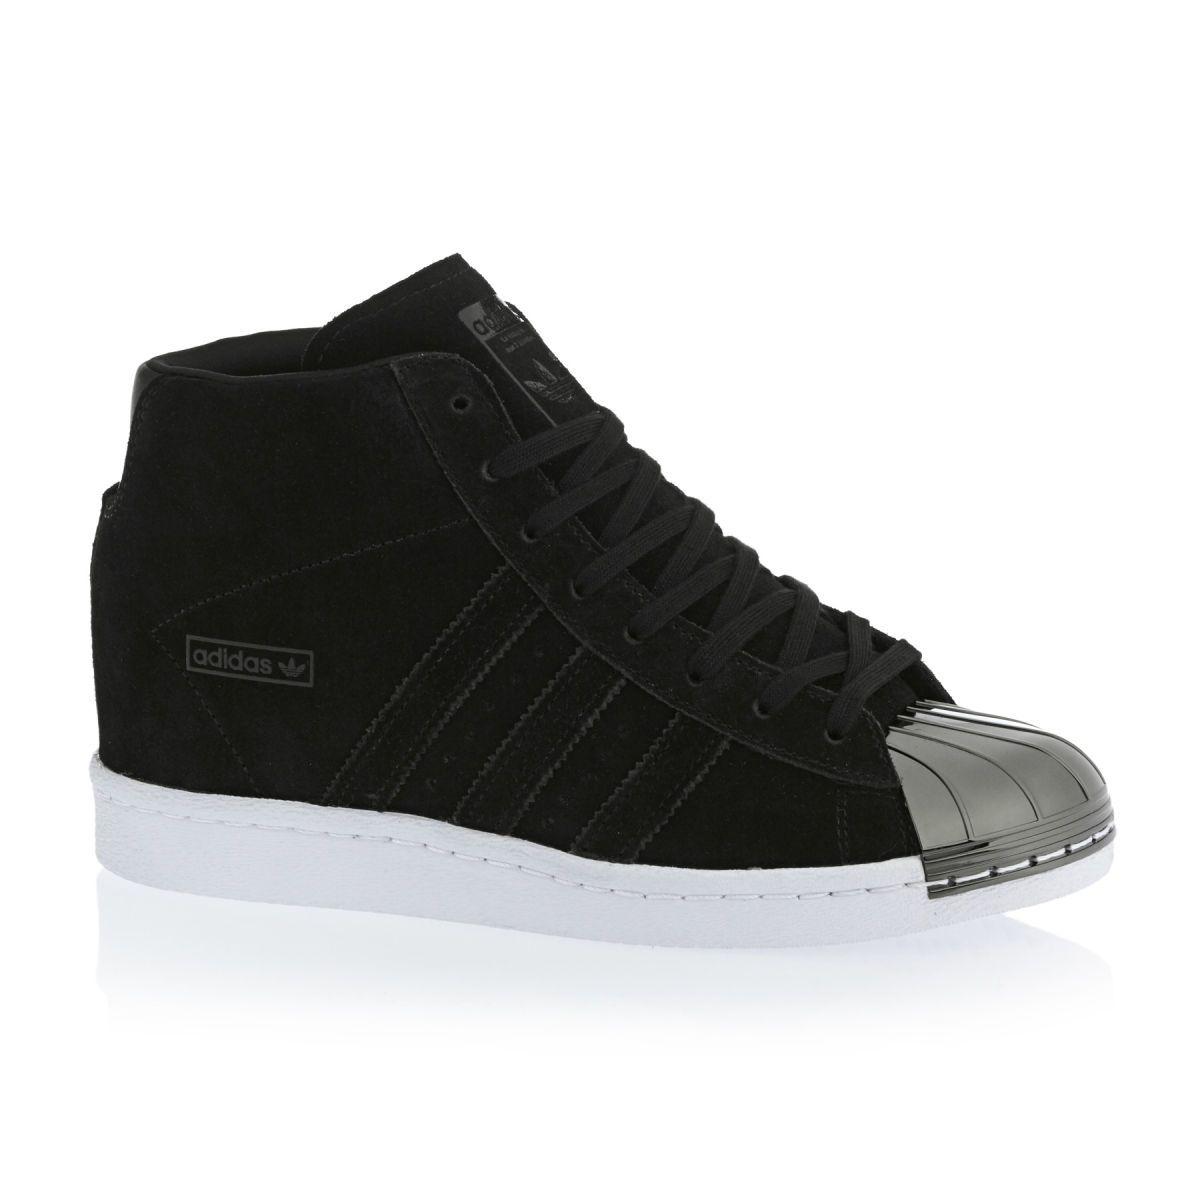 Adidas Superstar Up Metal